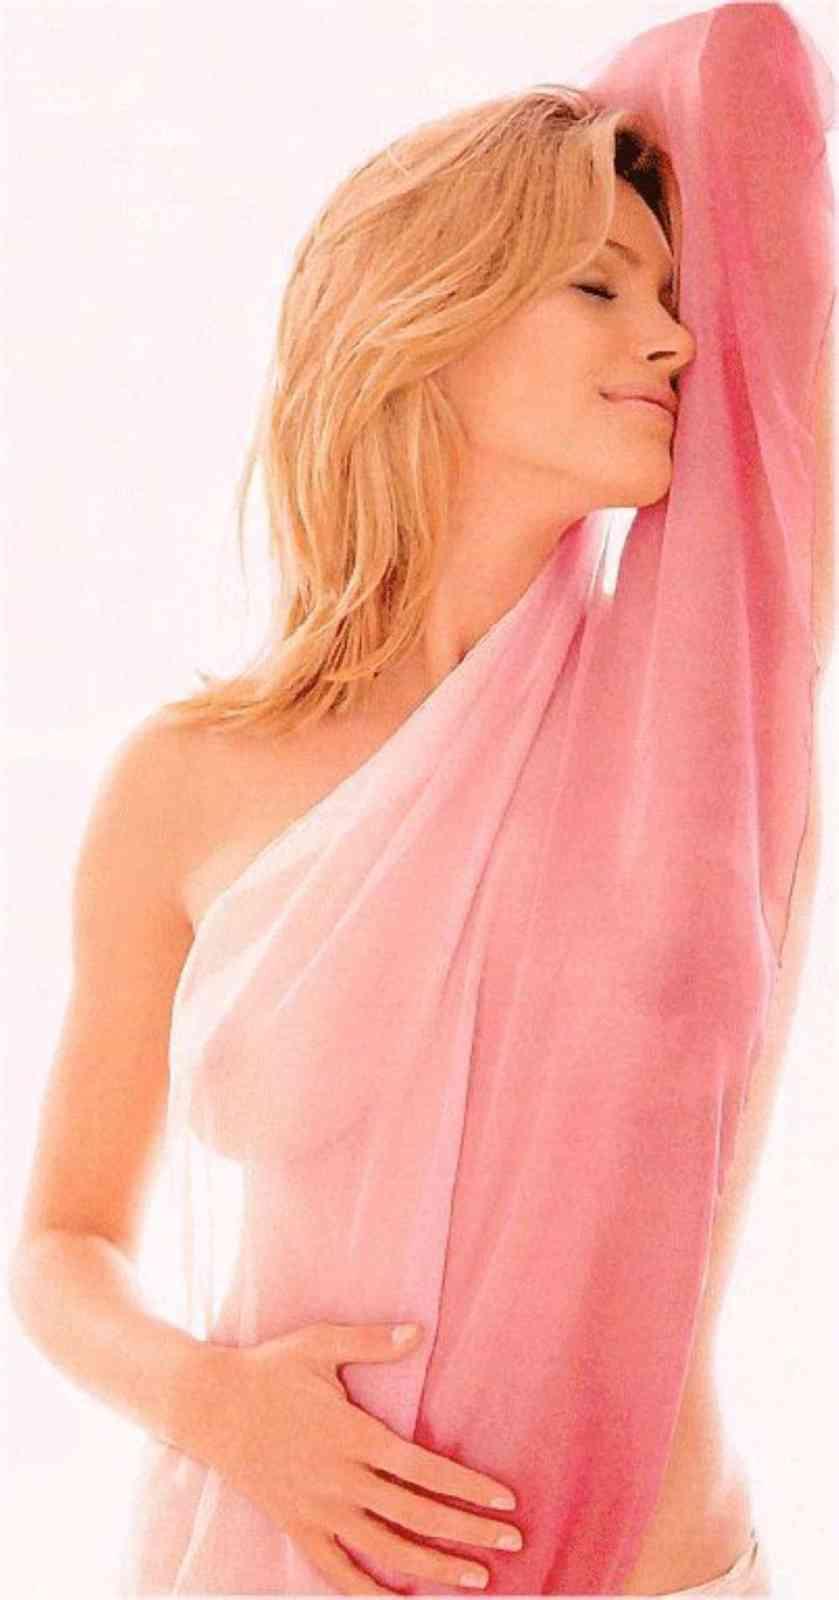 nude pics of natasha henstridge  242492